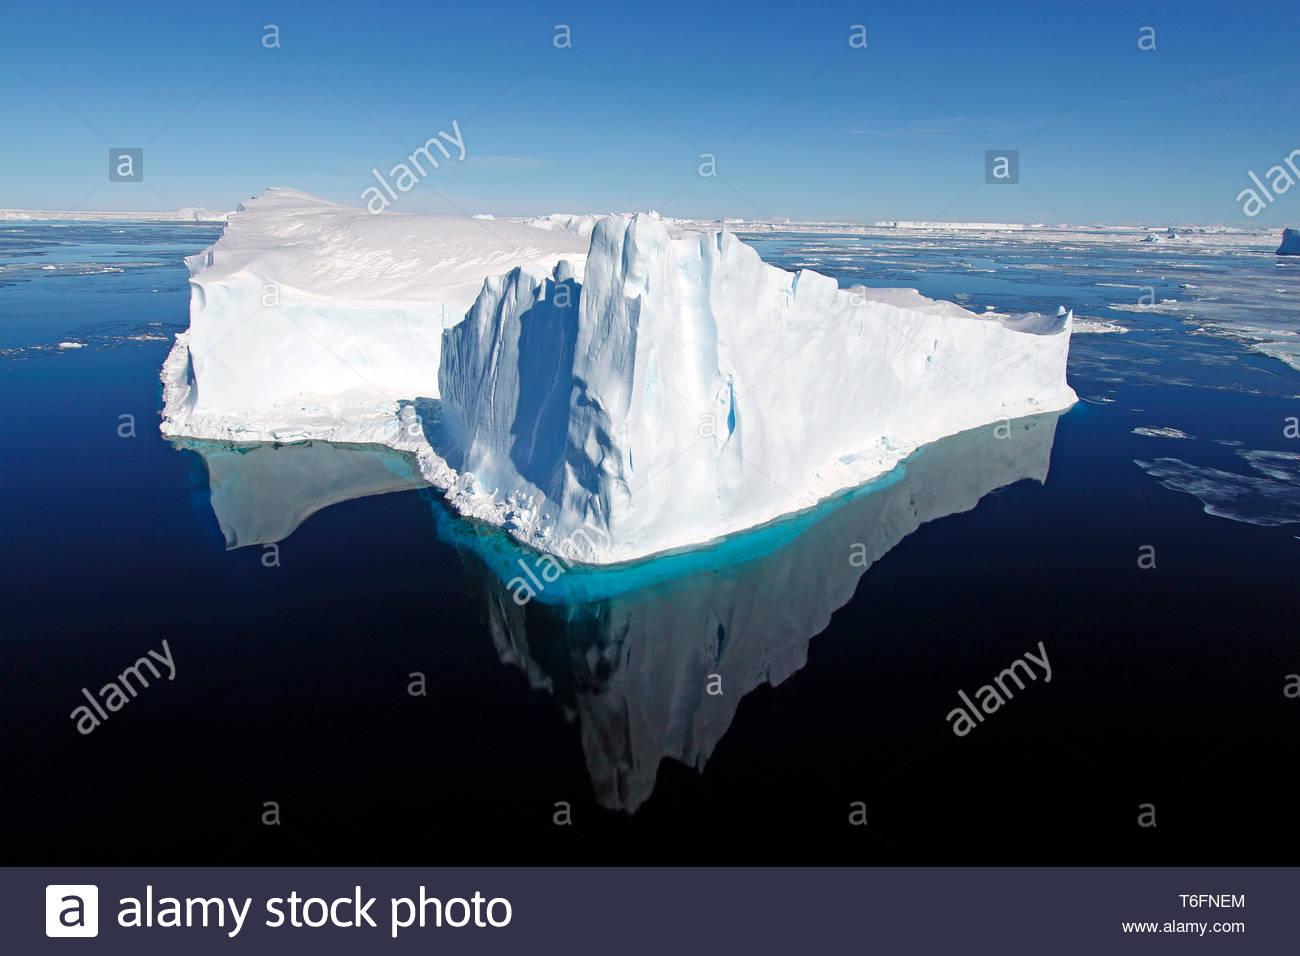 Treibender Eisberg spiegelt sich im tiefblauen Wasser, Antarktis | Drifting iceberg, mirroring in water, Antarctic - Stock Image